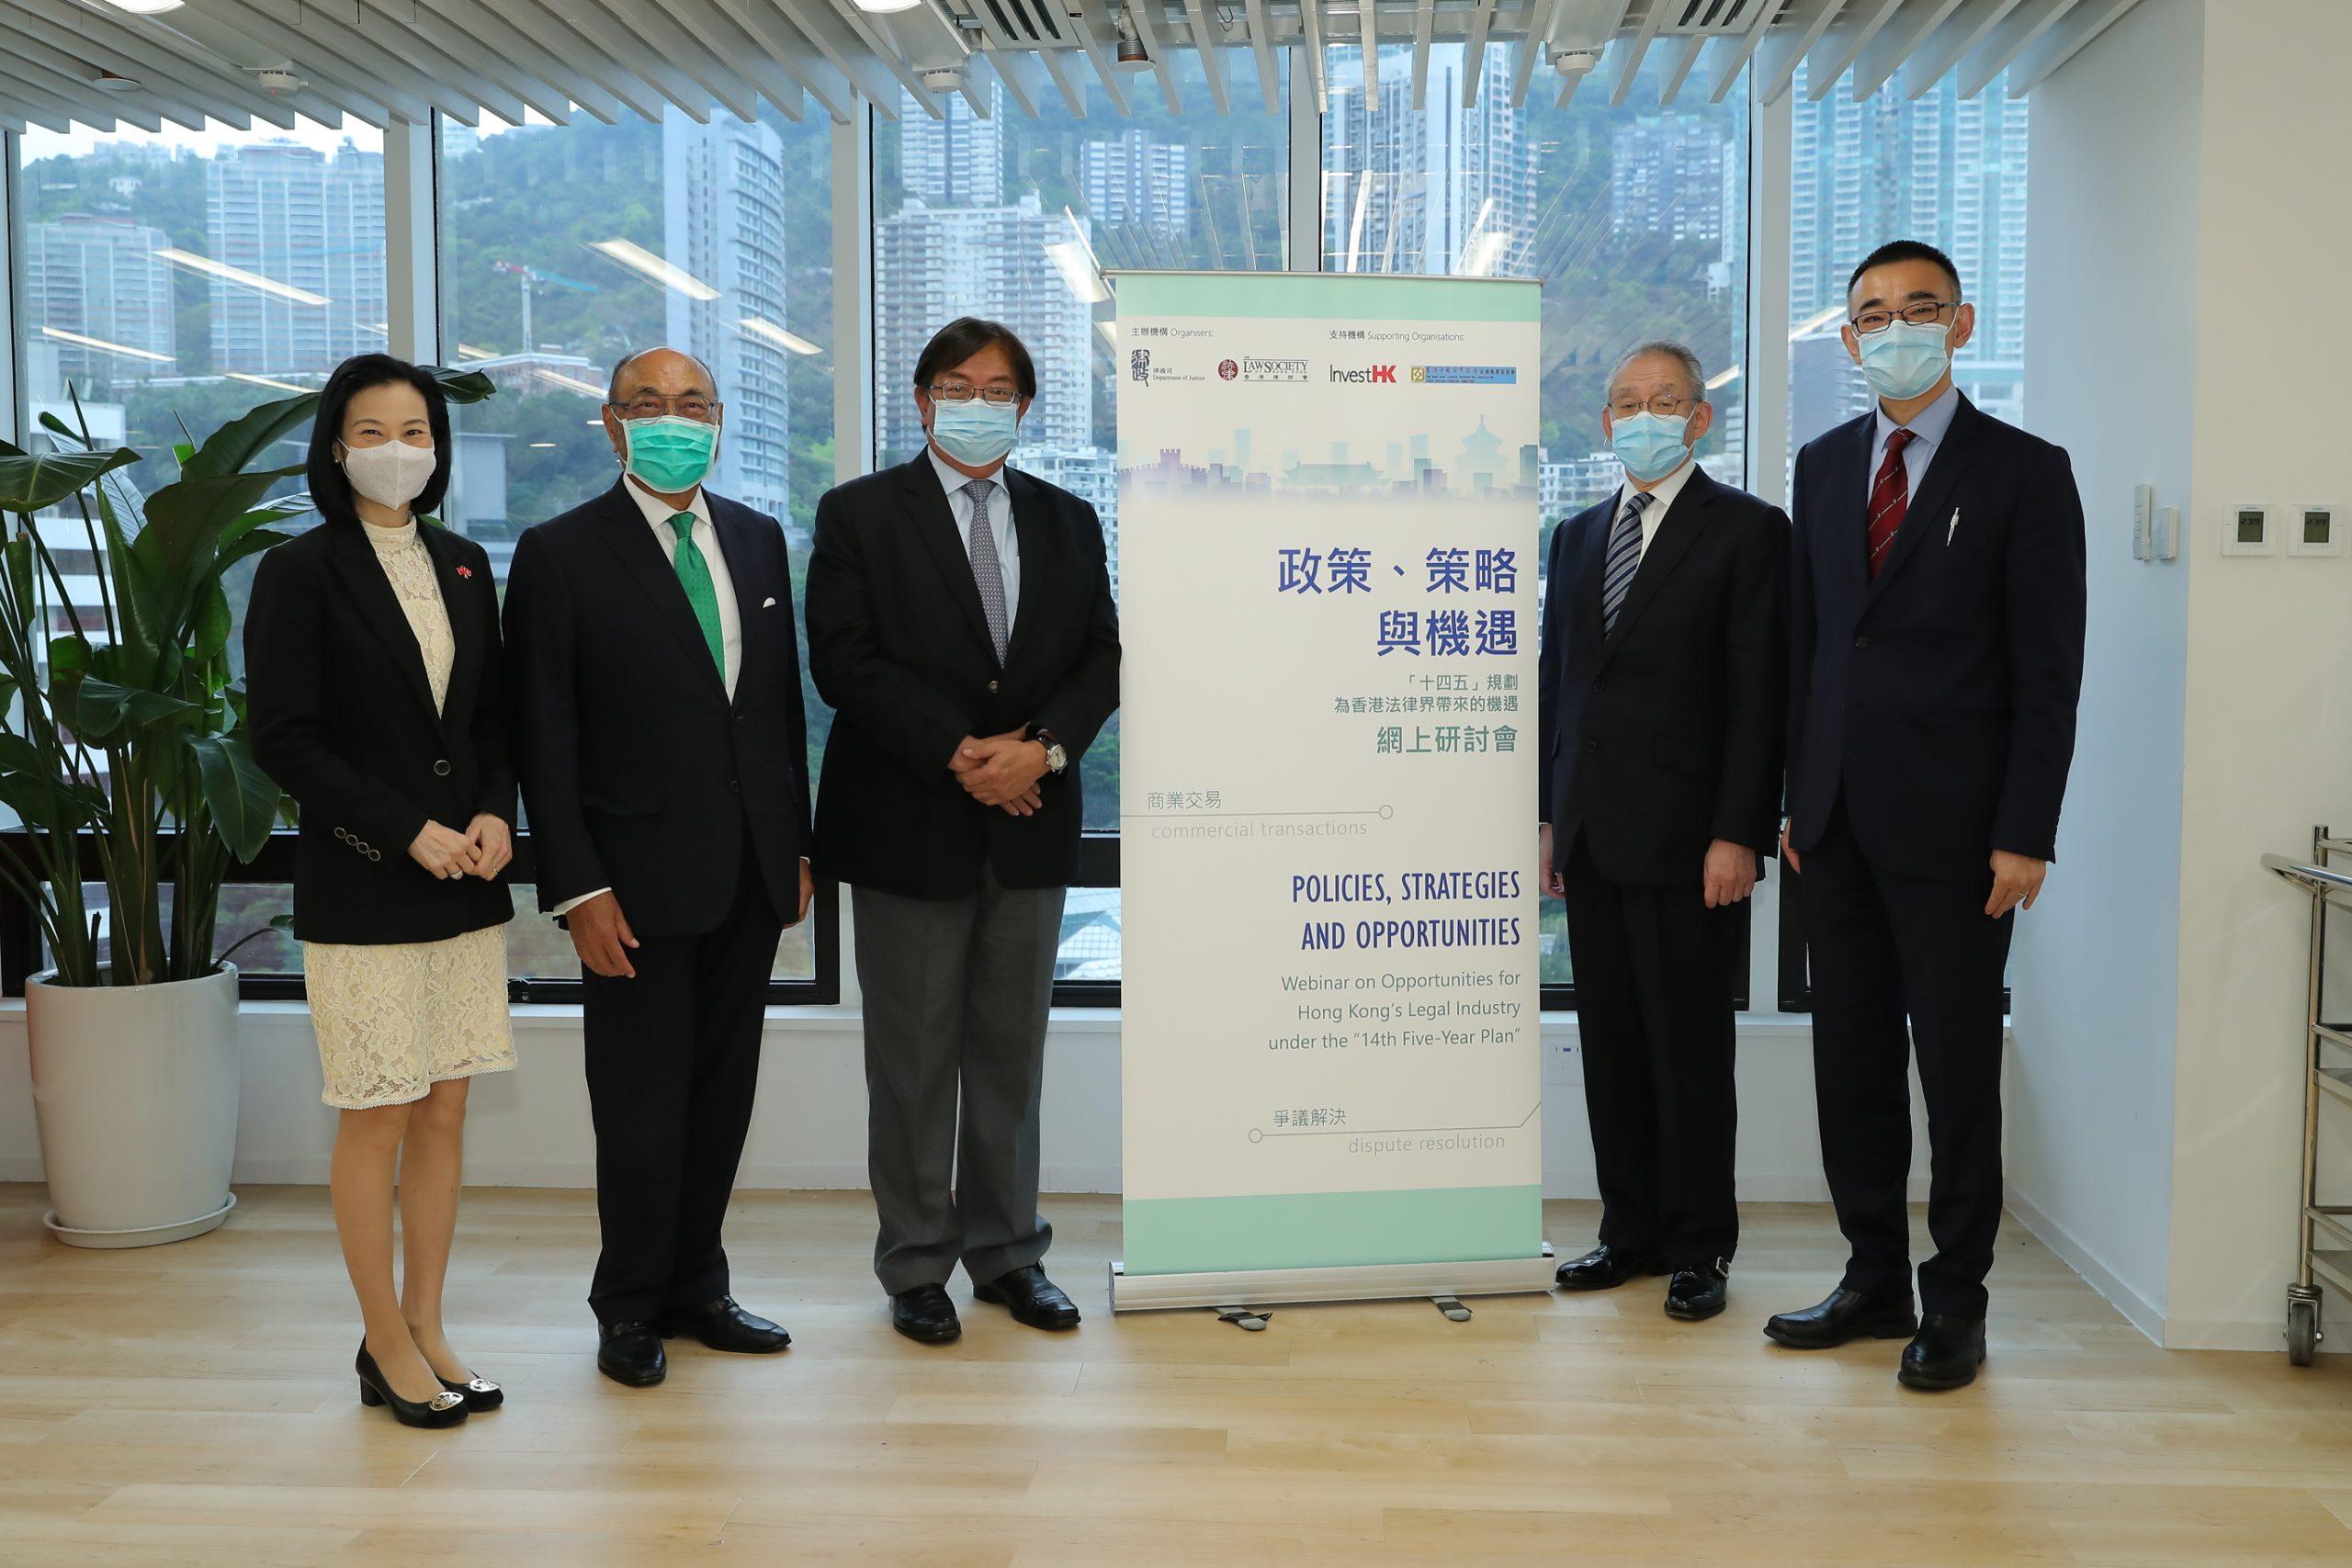 """简家骢律师在""""政策、策略与机遇——'十四五'规划为香港法律界带来的机遇""""研讨会上发言"""